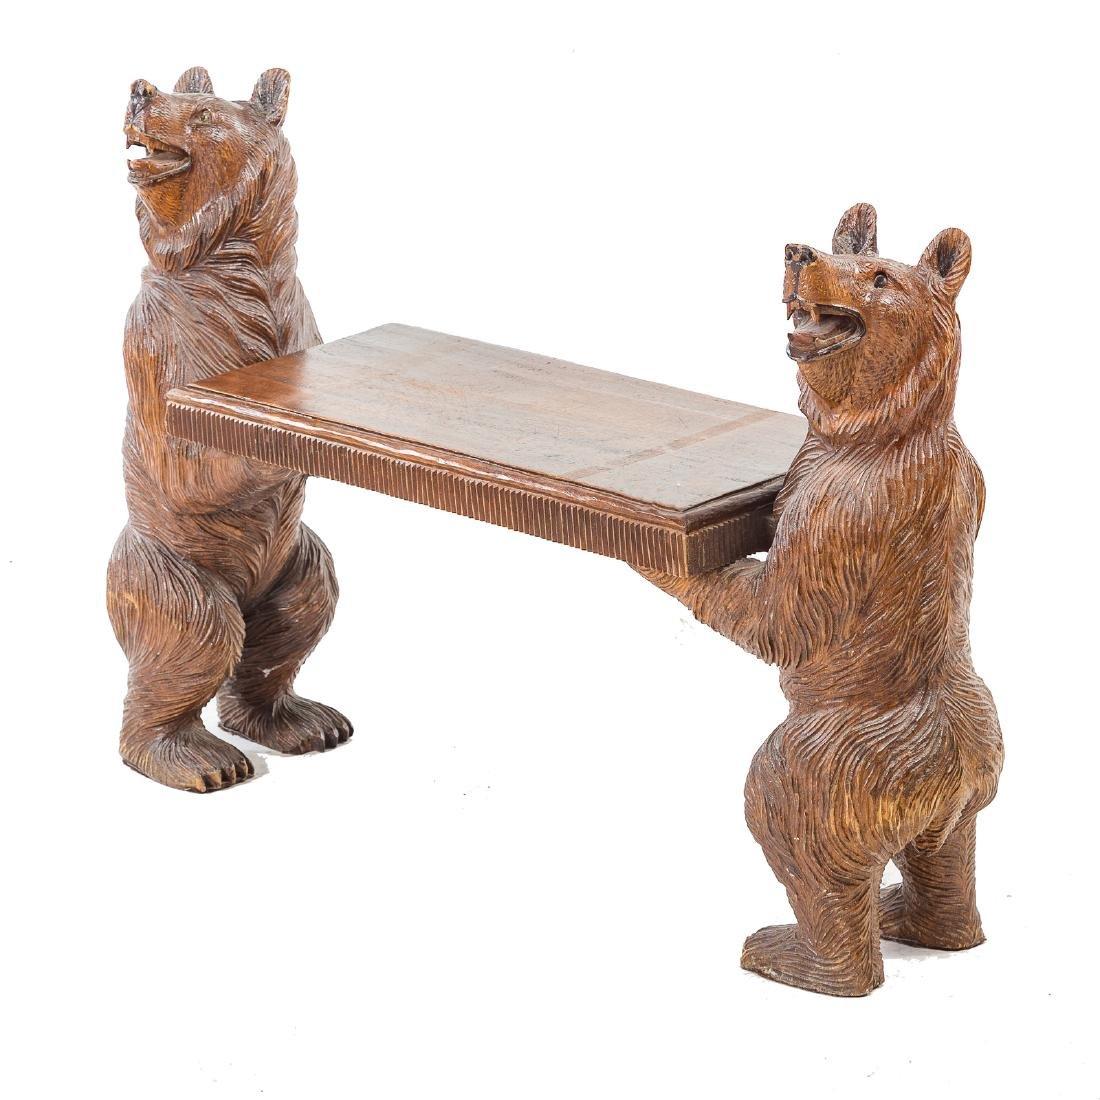 Black Forest carved wood bench